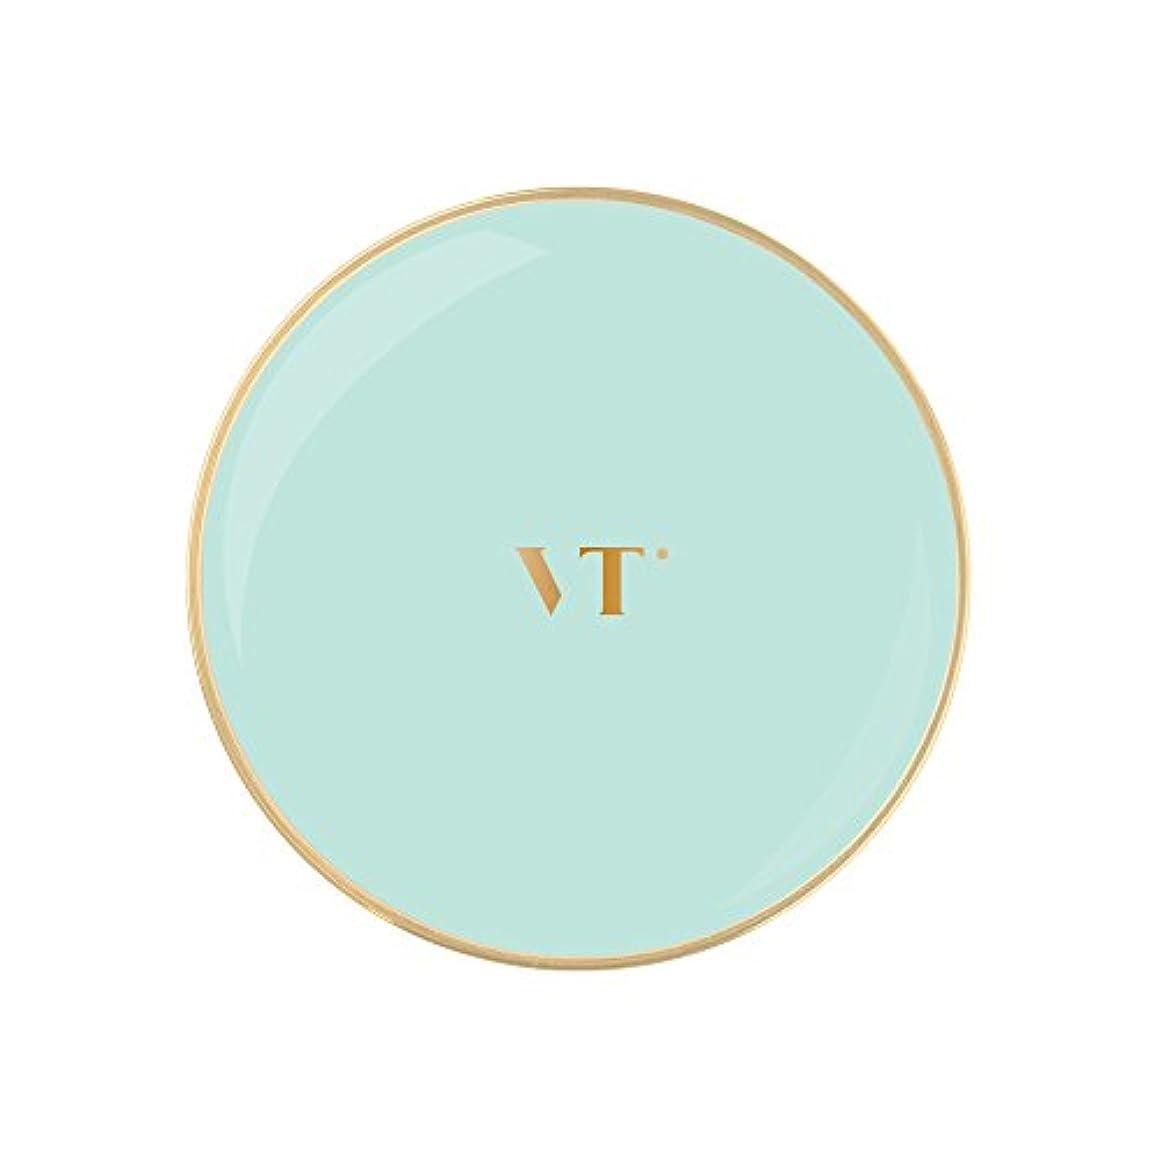 控える砂のチップVT Blue Collagen Pact 11g/ブイティー ブルー コラーゲン パクト 11g (#23) [並行輸入品]